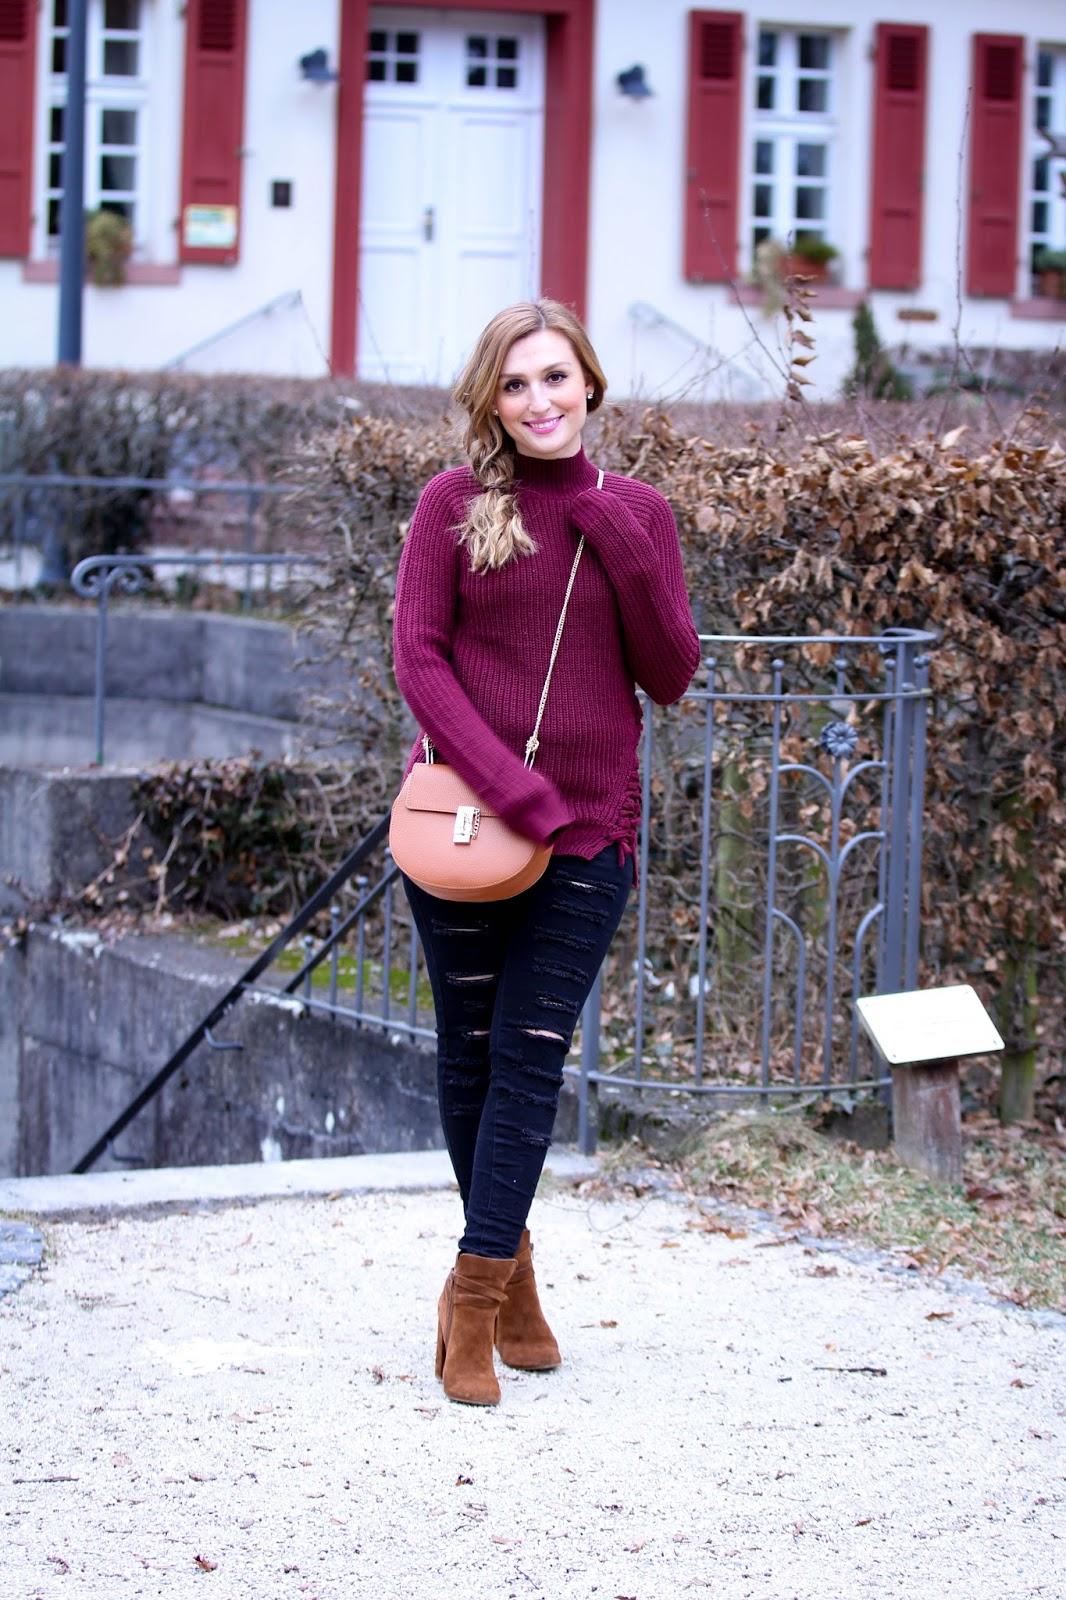 Strickpullover-bordeaux-Geflochtener_pullover-Schwarze-Hose-Bloggerstyle-bloffer-aus-deutschland-fashionblogger-Deutsche-fashionblogger